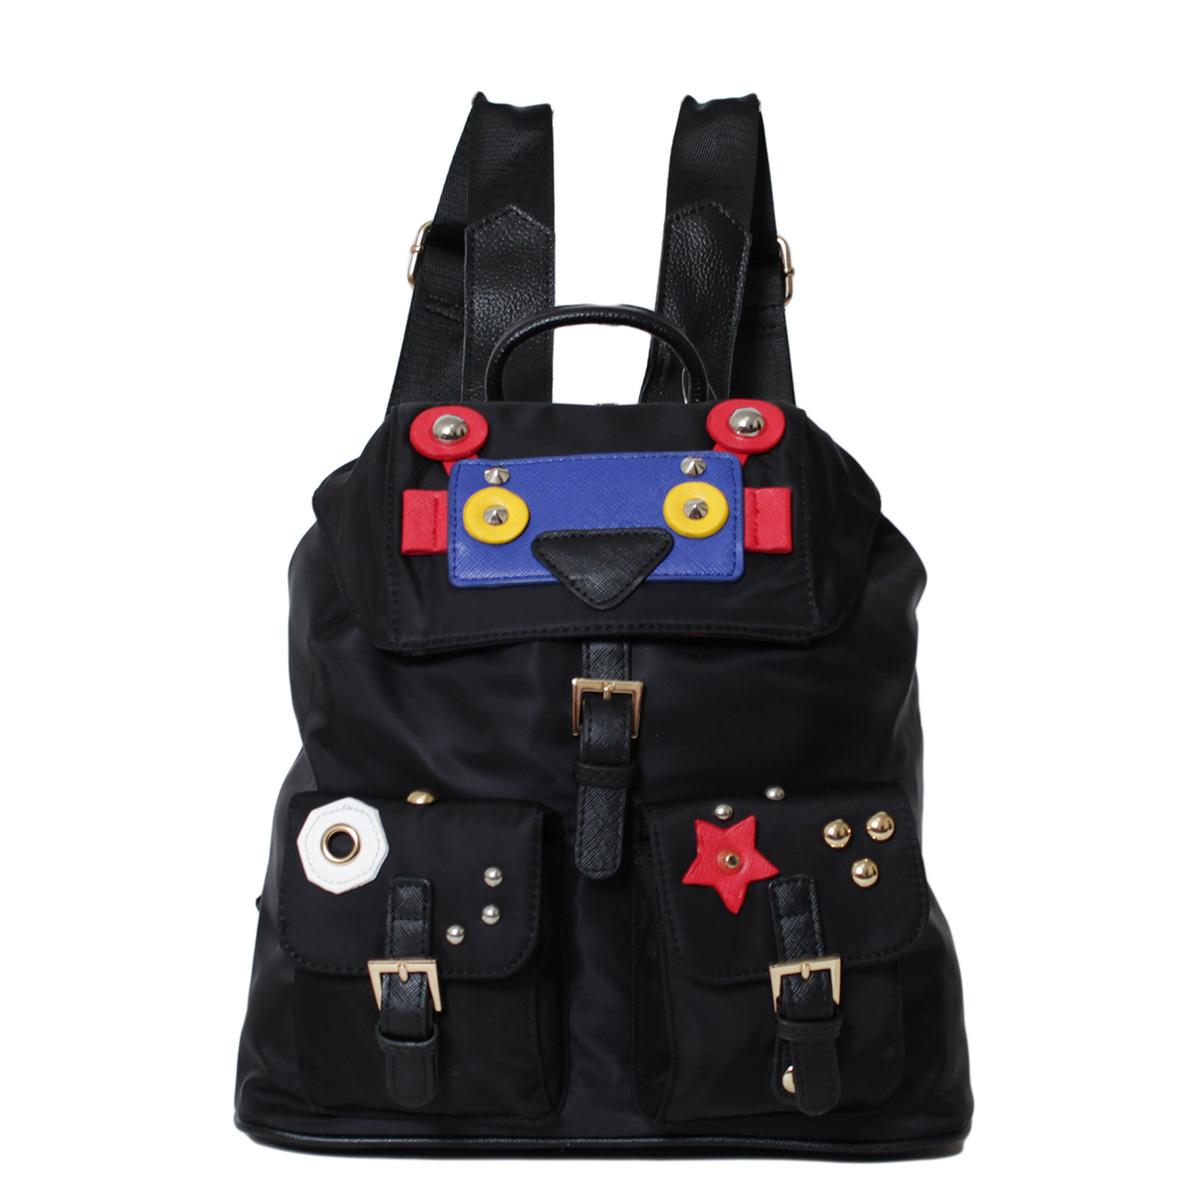 Рюкзак женский Flioraj, цвет: черный. 00052448 рюкзак женский flioraj цвет синий 321 8